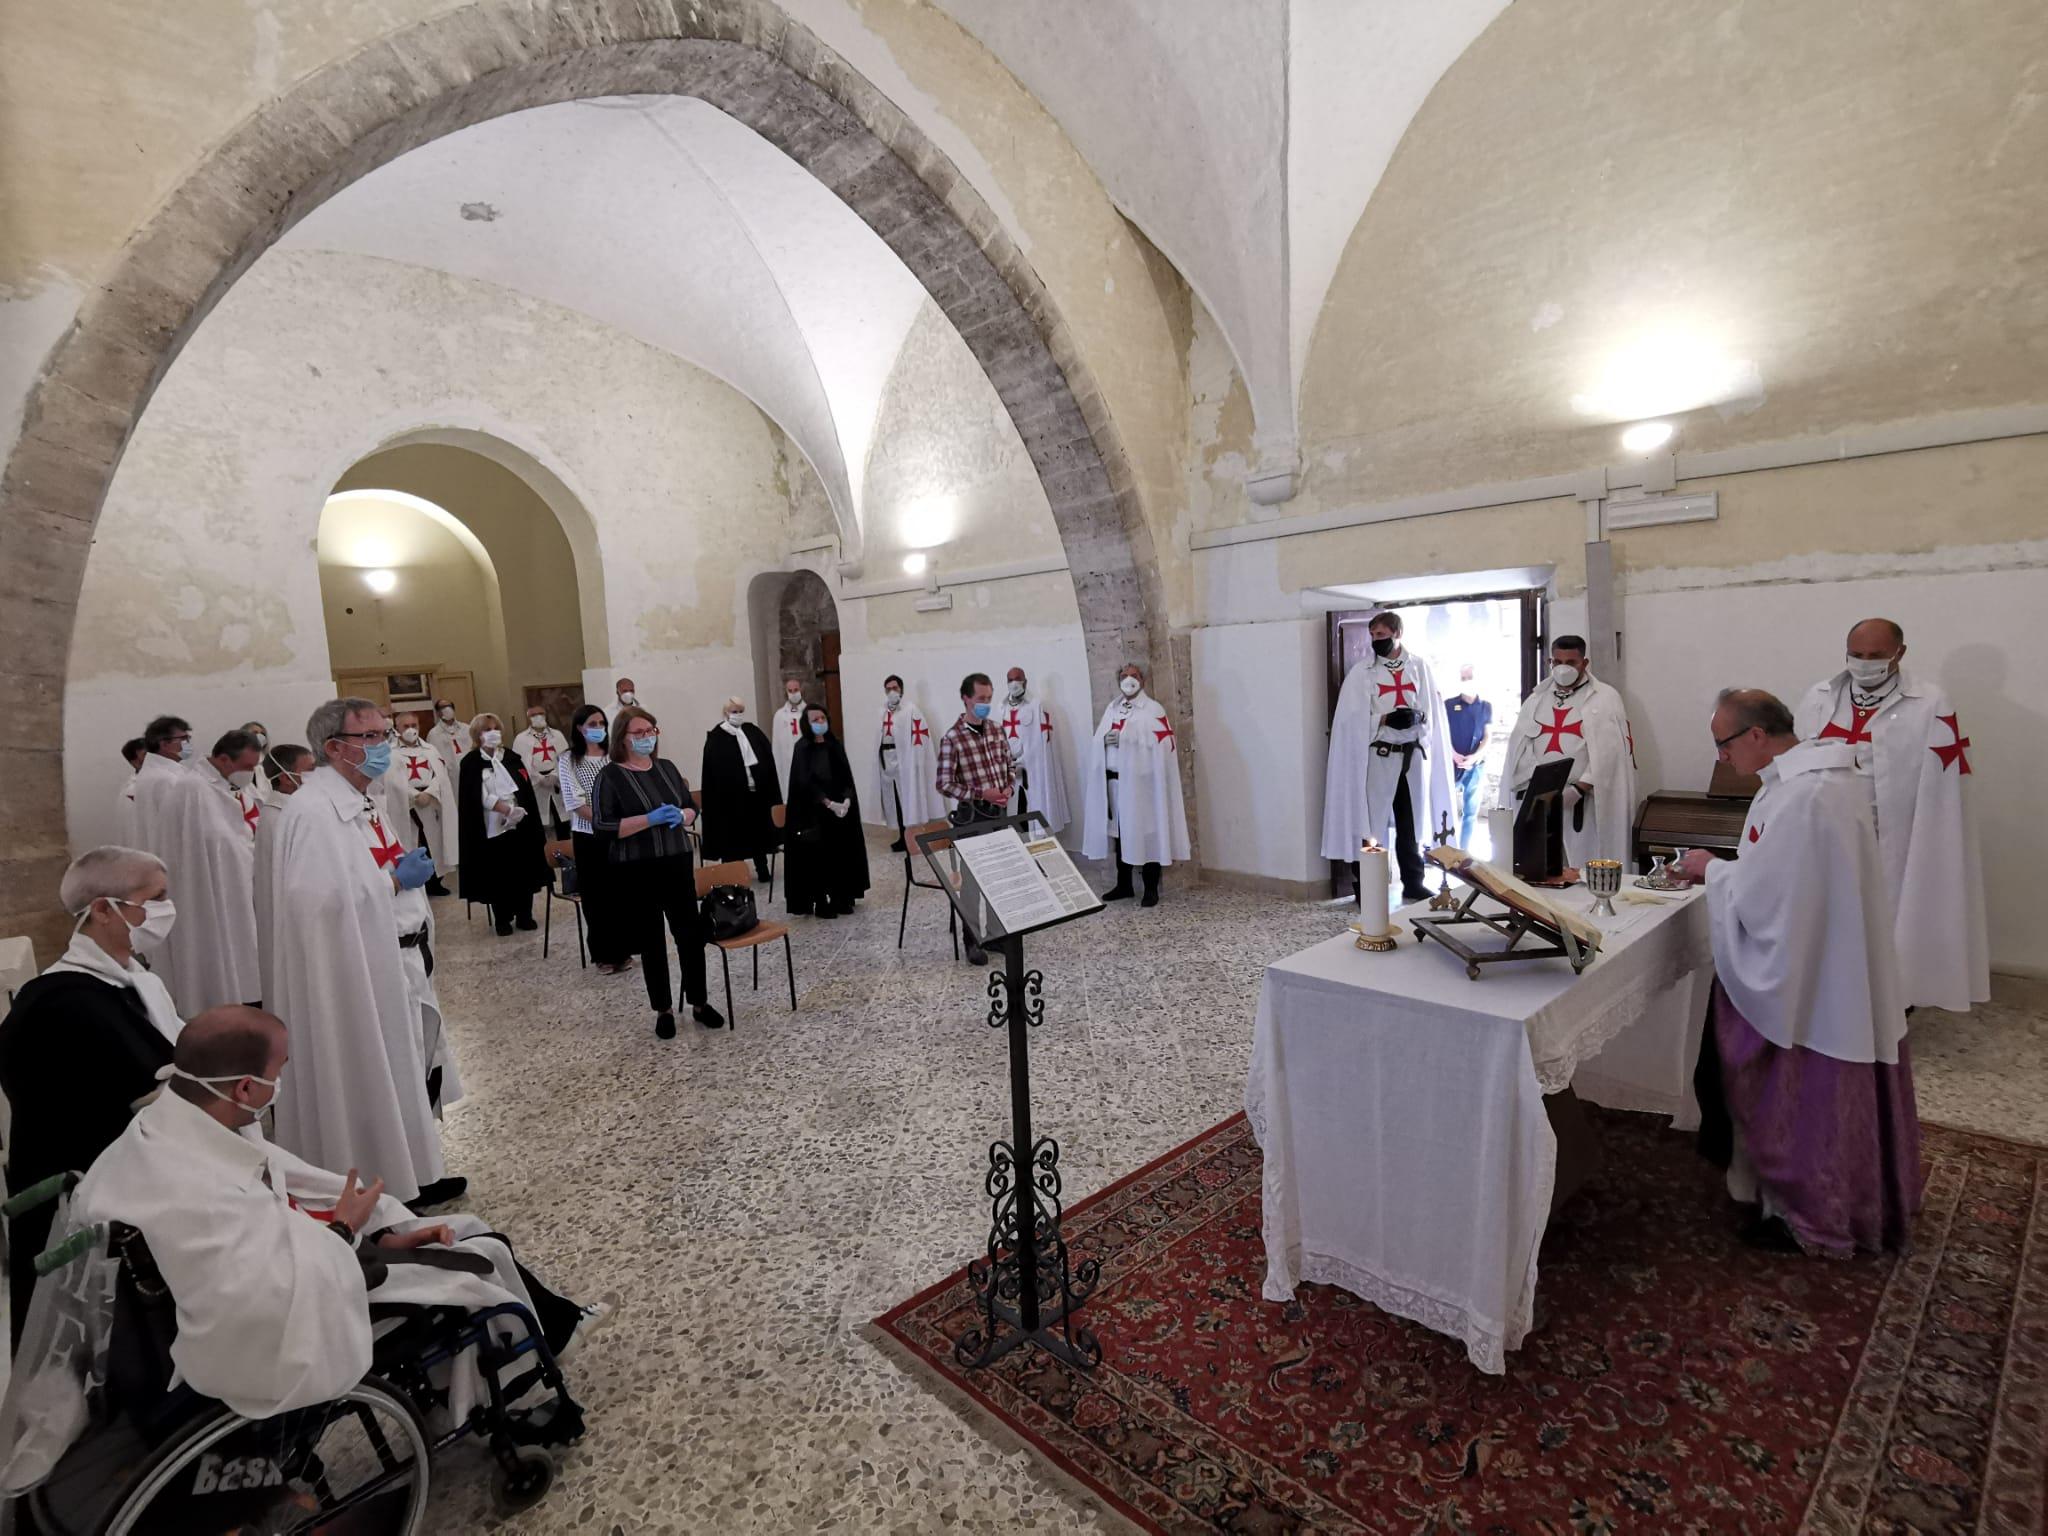 Teilnahme an der heiligen Messe im Wahlrecht für unseren Gründer des Templerordens Ugone dei Pagani, Messe in der Templerkapelle in der Abtei von Valvisciolo